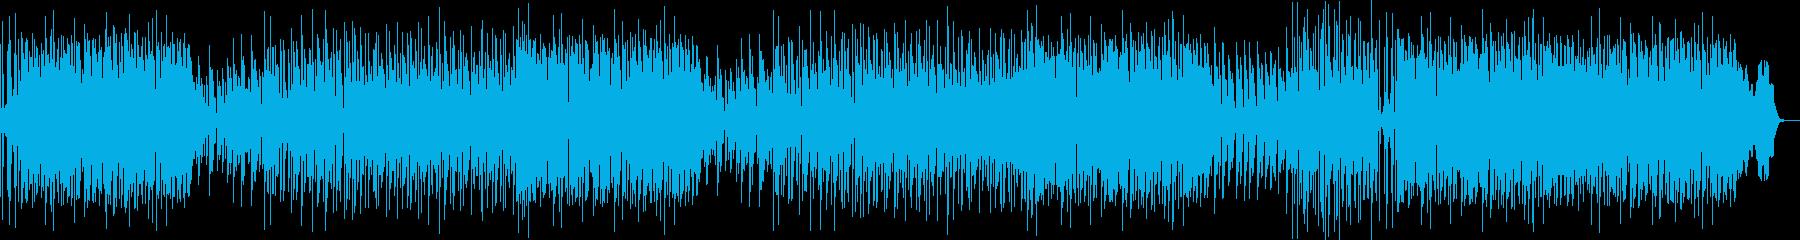 心踊るトロピカルハウスの再生済みの波形